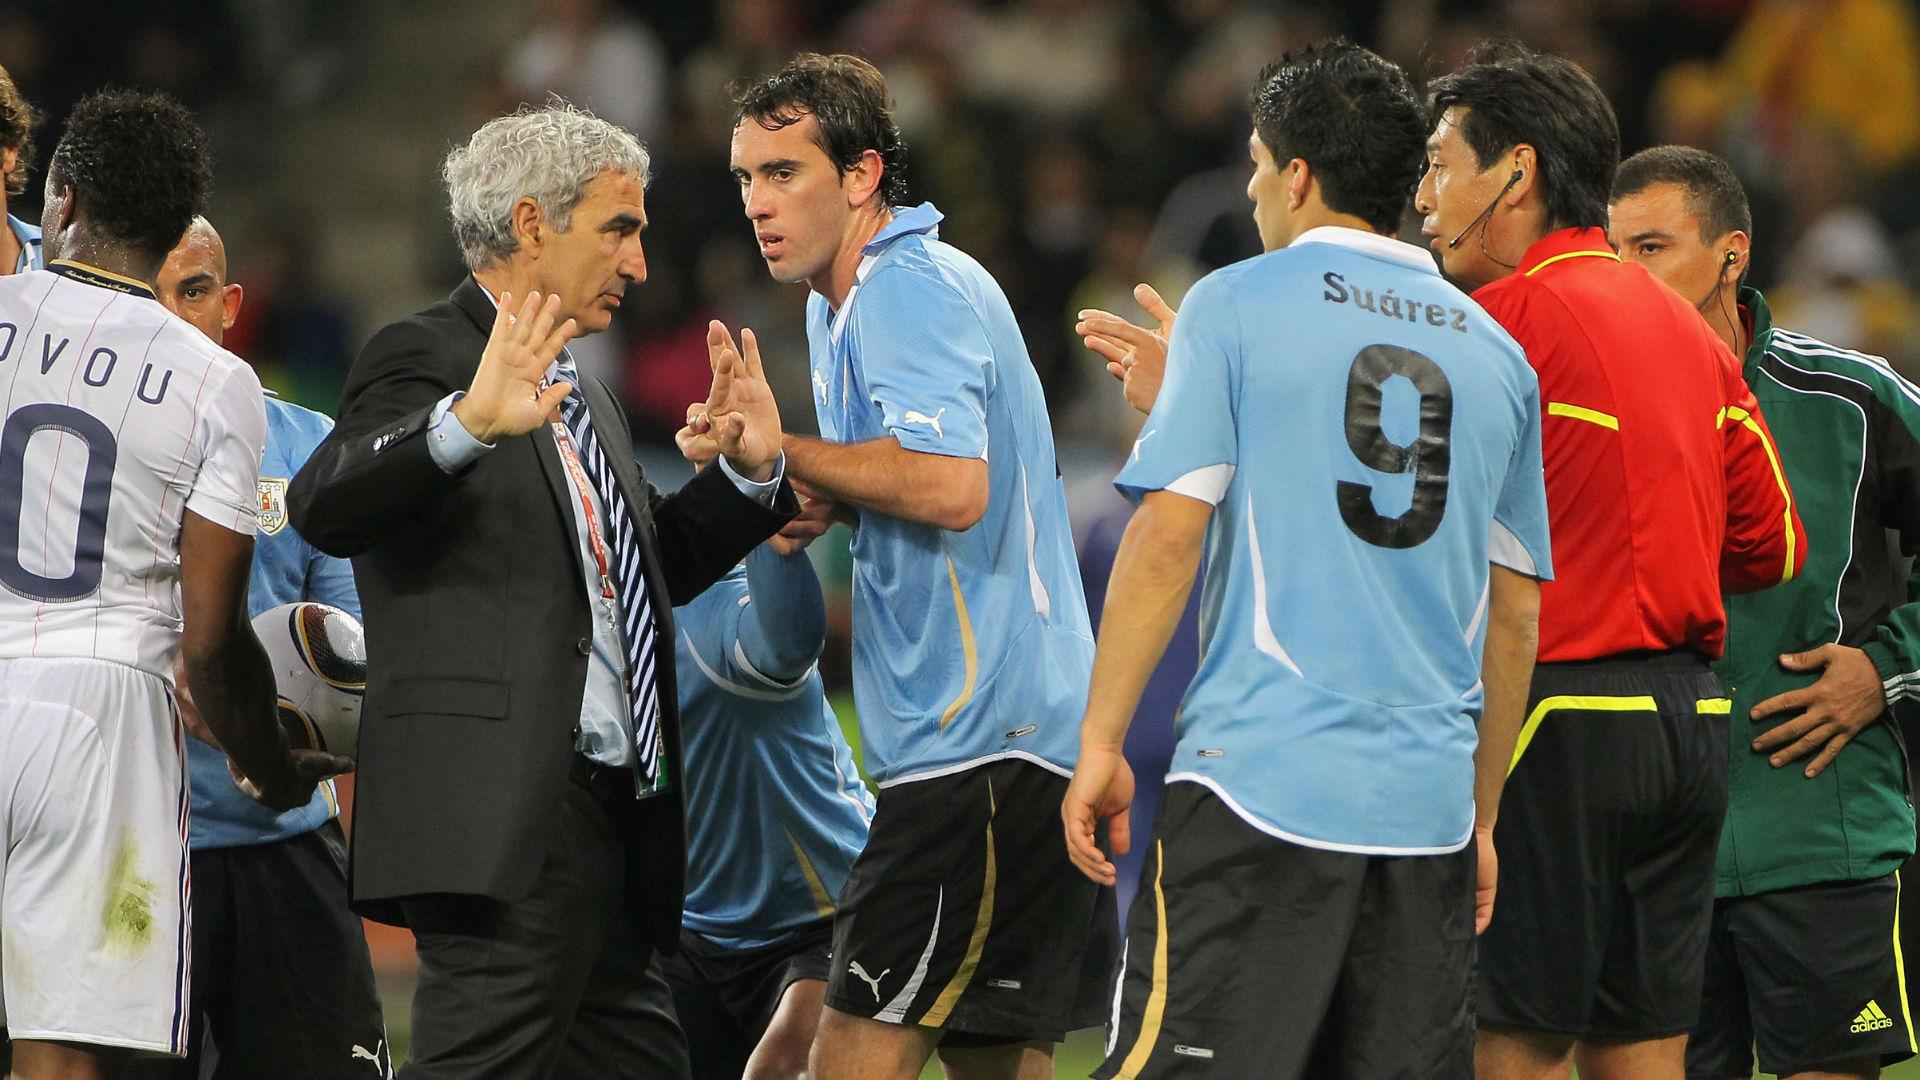 France Uruguay 2010